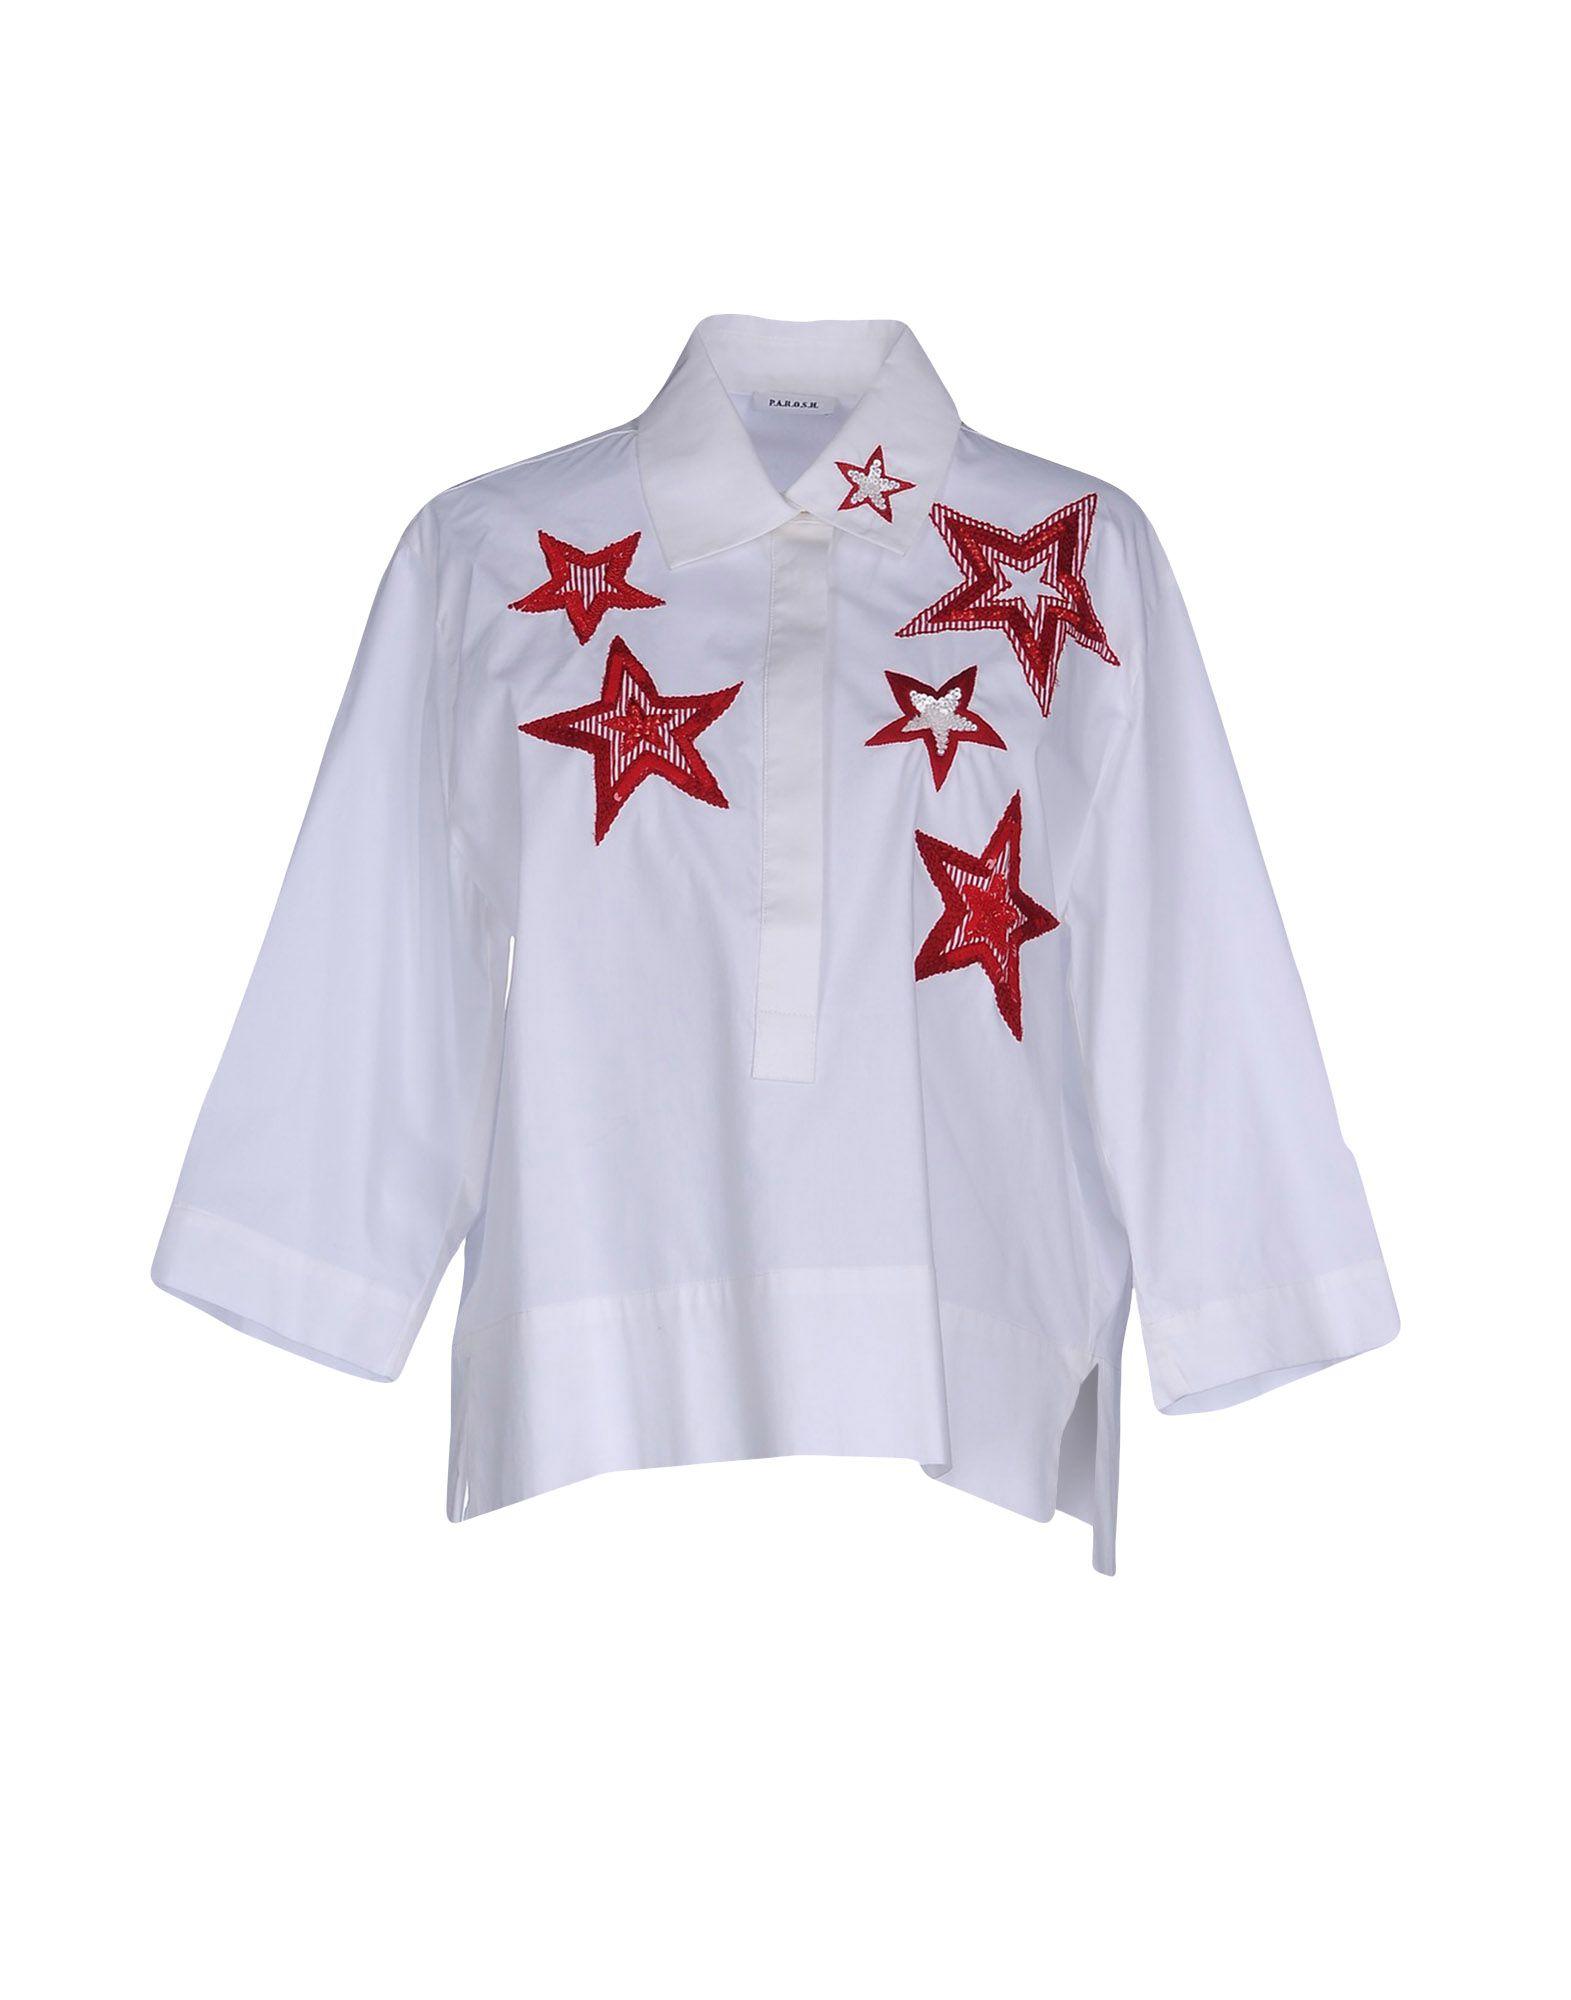 ФОТО p.a.r.o.s.h. блузка